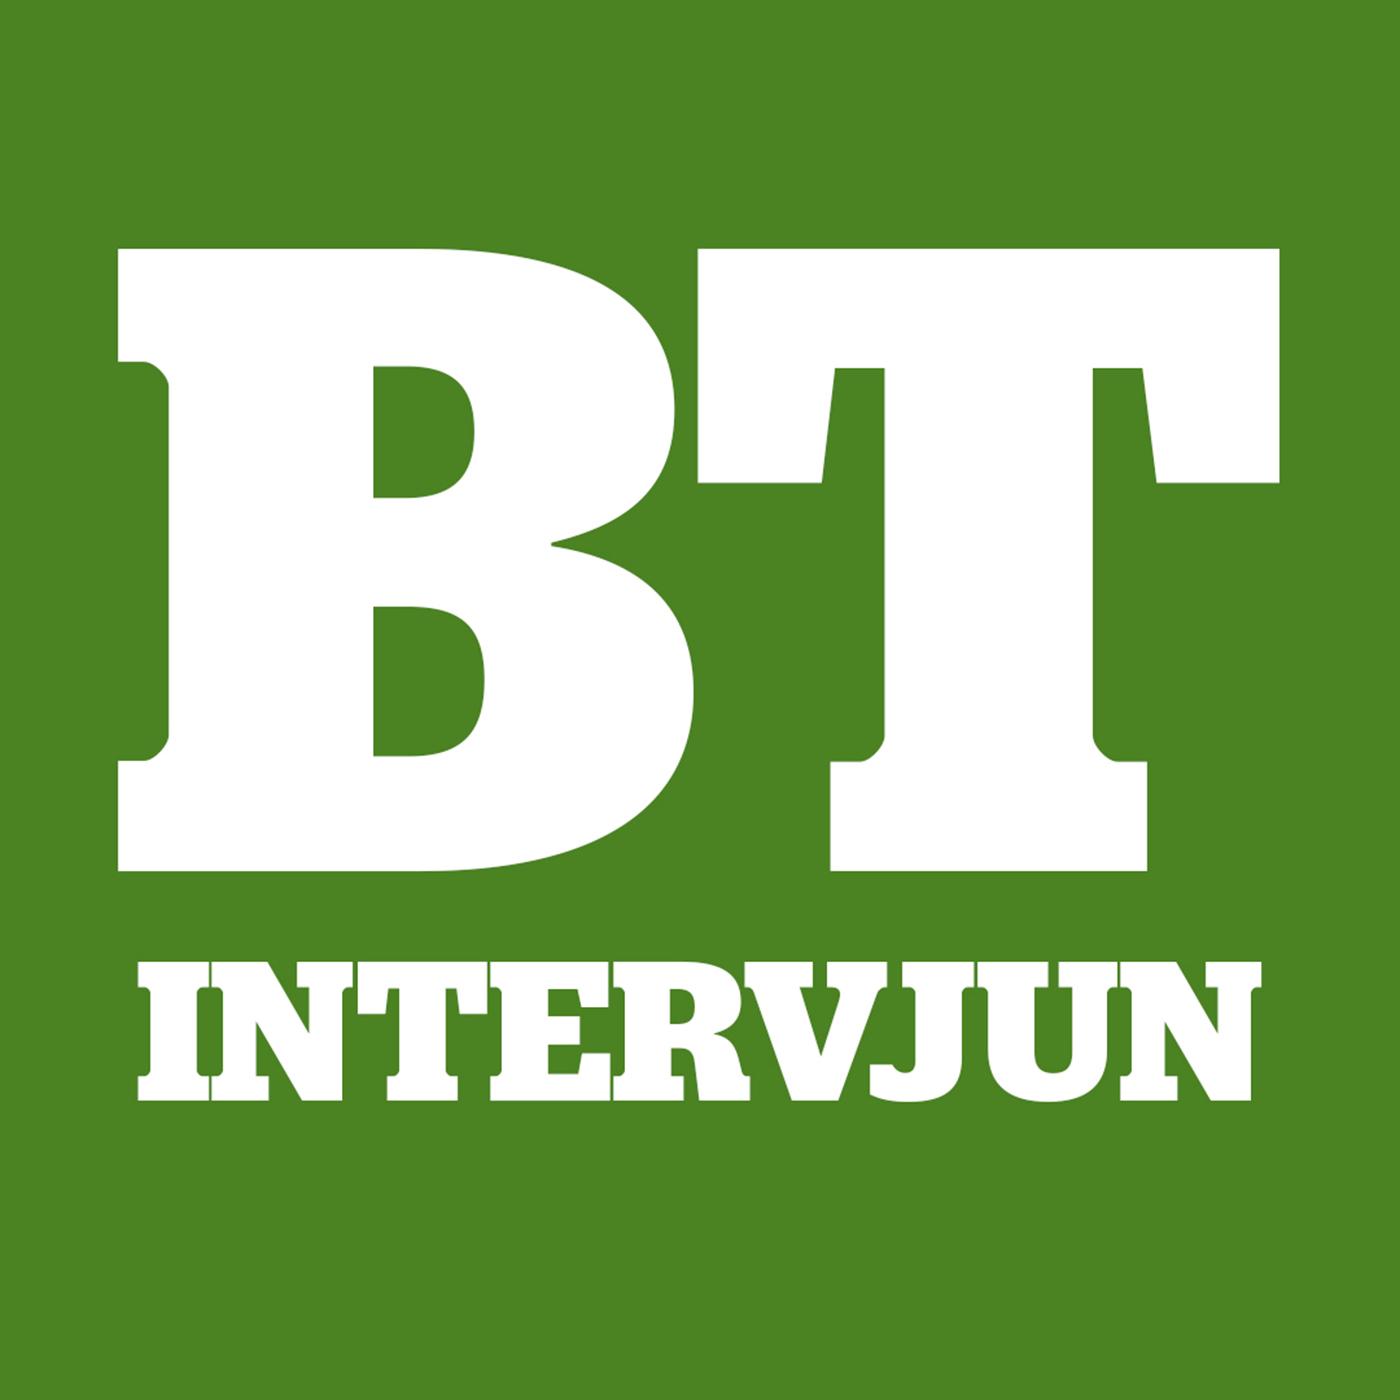 BT-intervjun show art